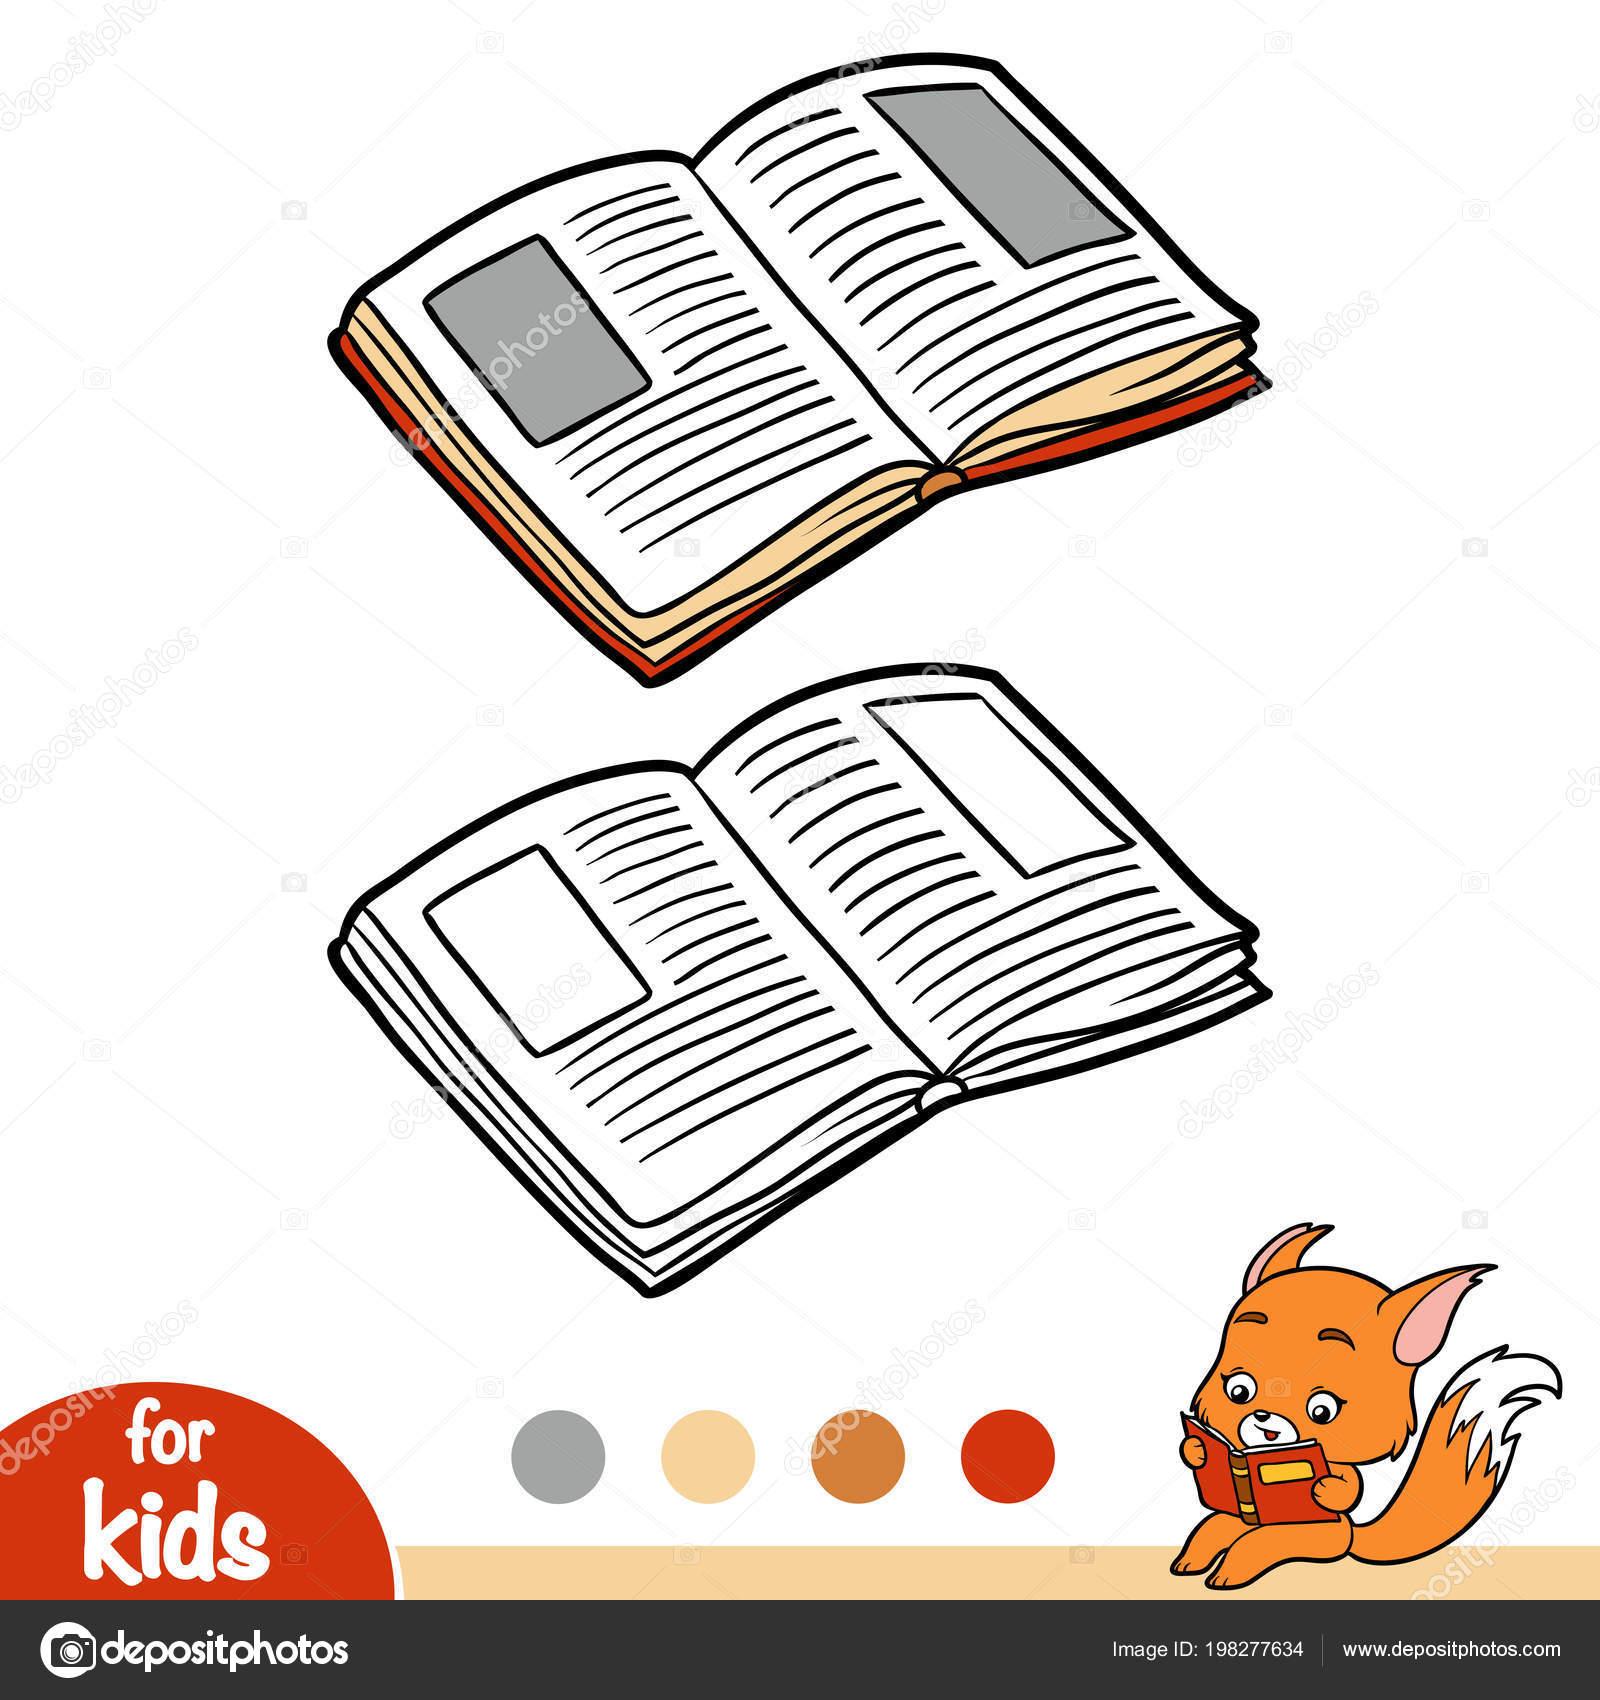 Açık Kitap çocuklar Için Boyama Kitabı Stok Vektör Ksenyasavva